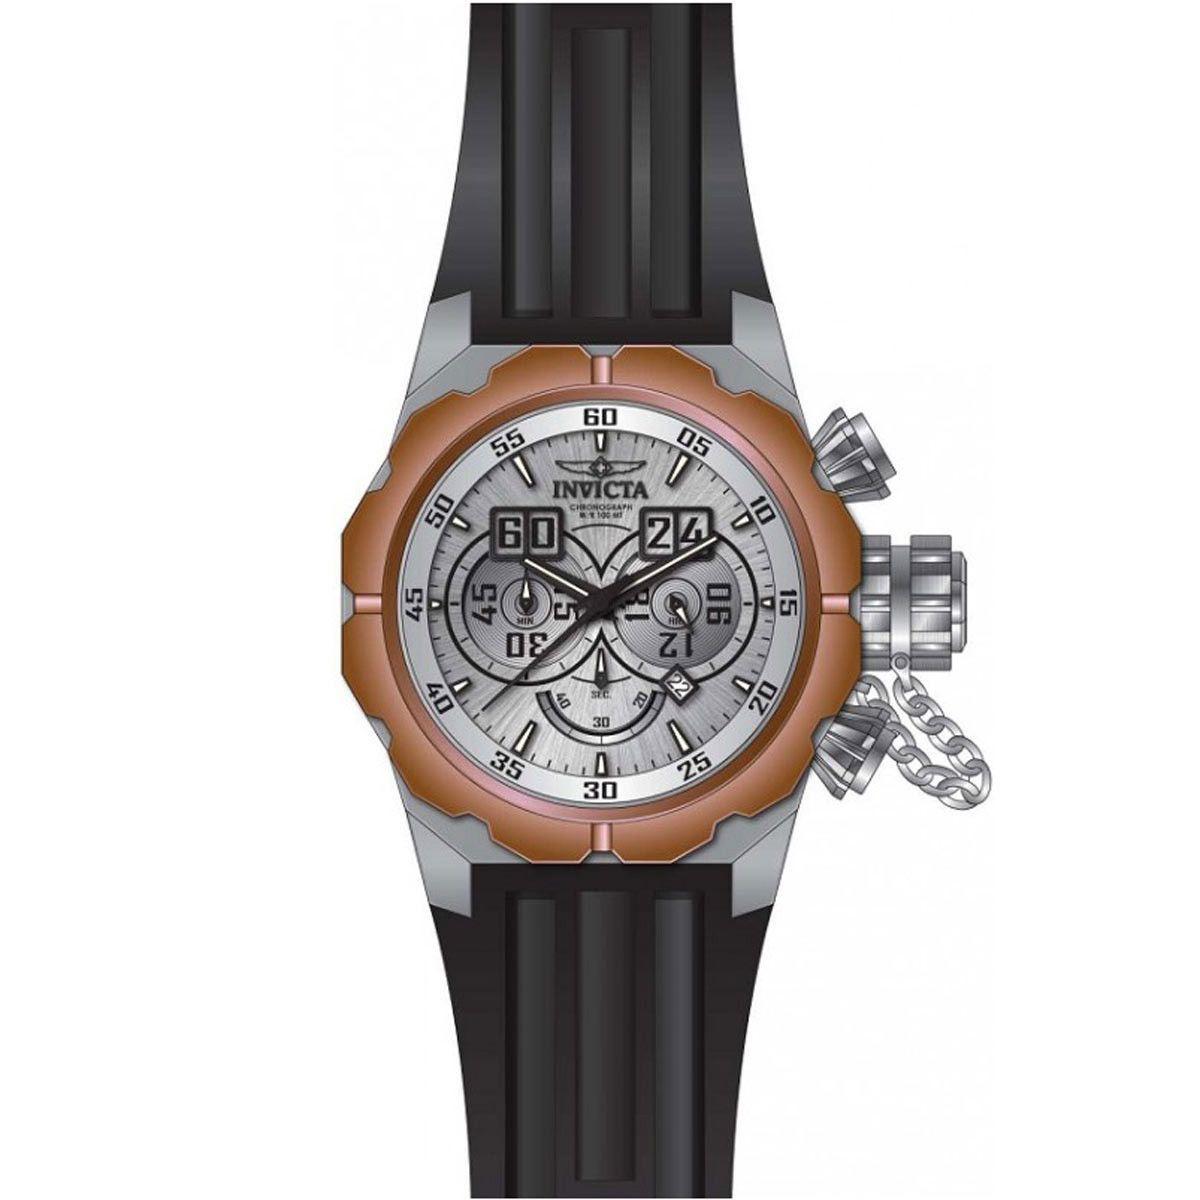 Invicta 21679 Men's Russian Diver Chronograph Black Silicone Strap Silver Dial Date Watch